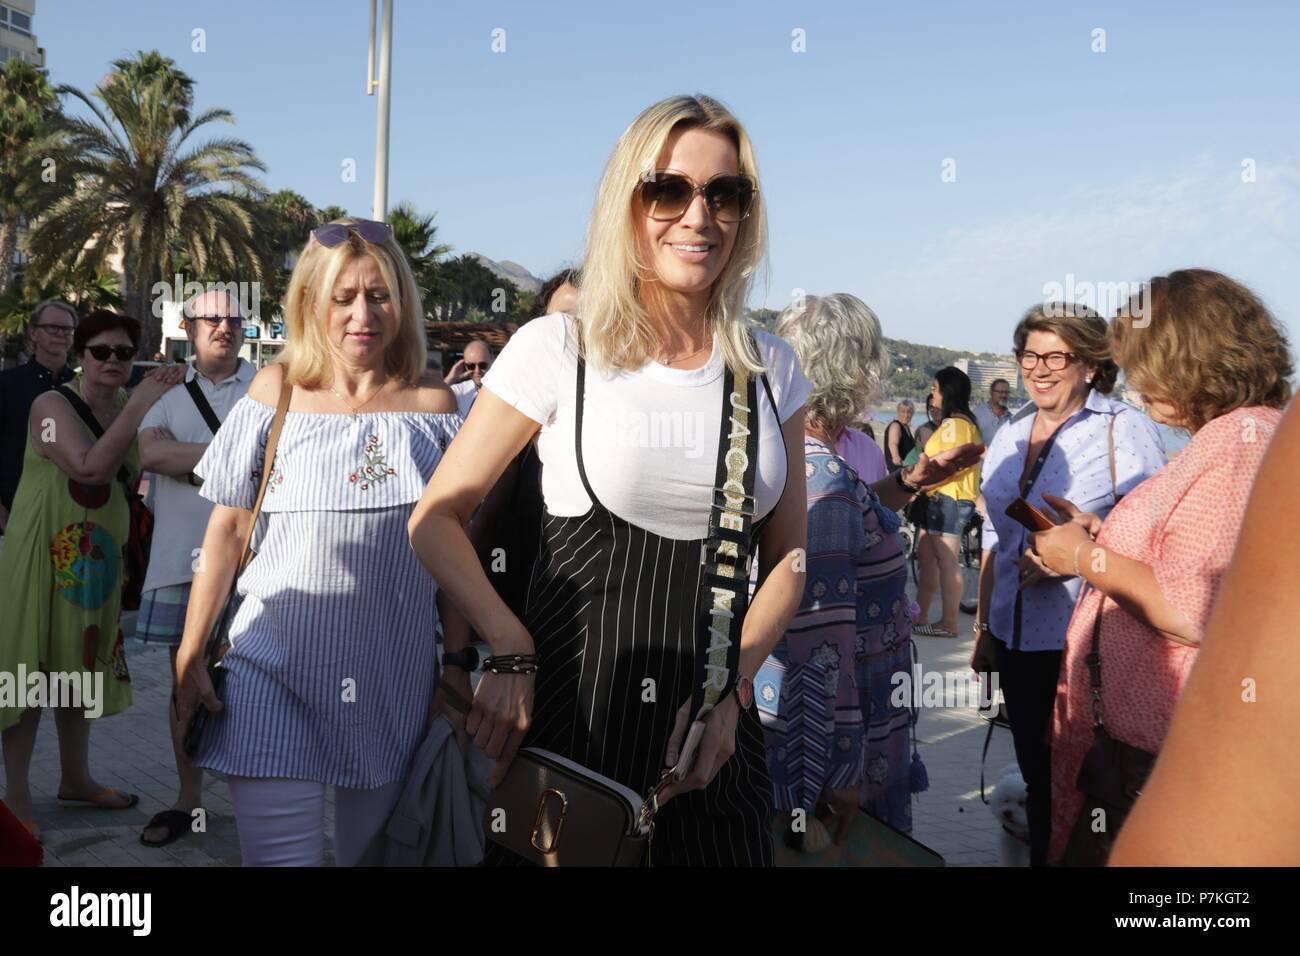 Novia Stock Photos Images Page 3 Alamy Sumas Car Stereo Wiring Harness Malaga Spain 6th July 2018 La De Antonio Banderasnicole Kimpel